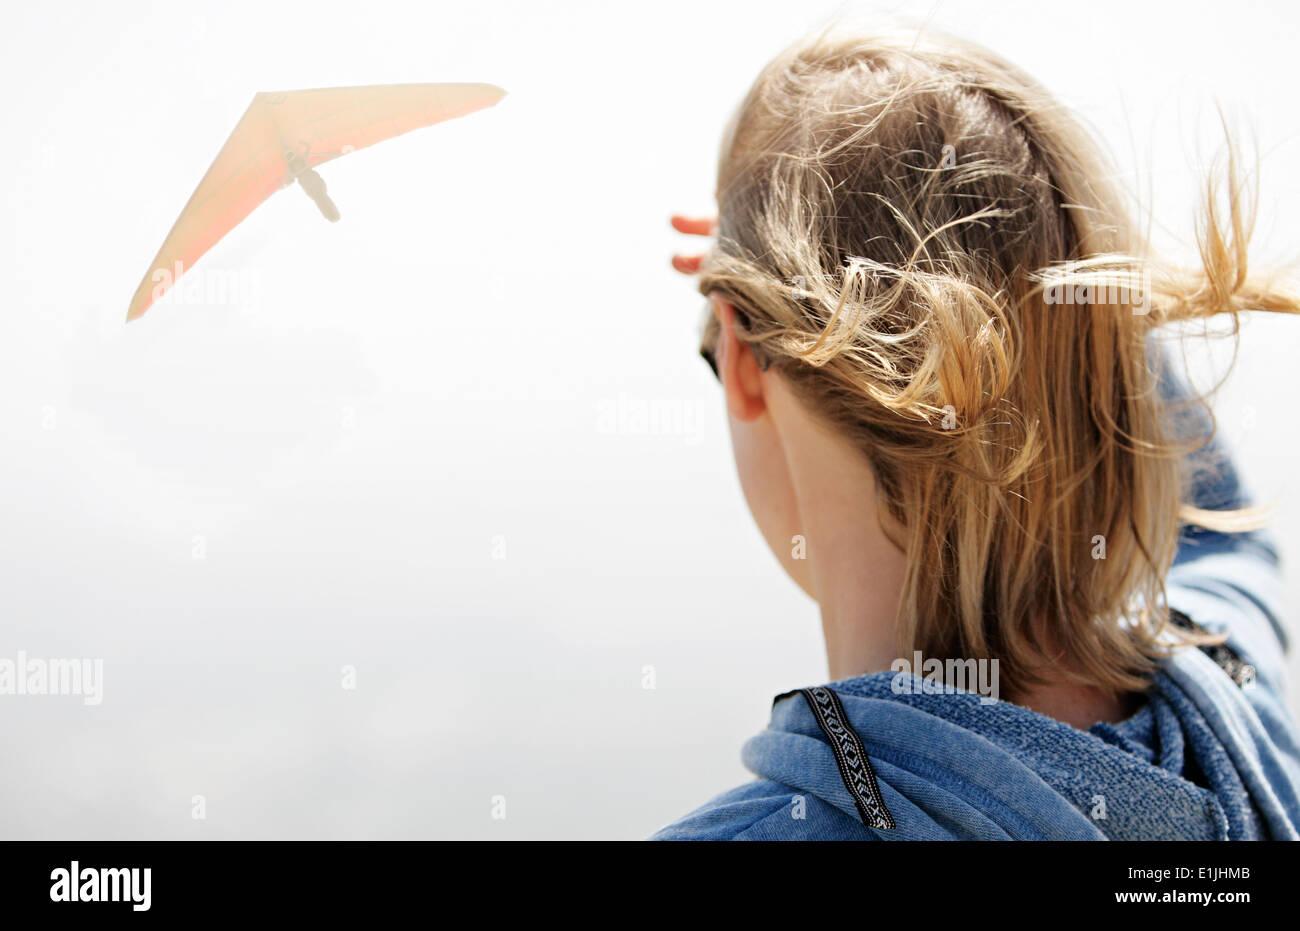 Femme regardant planeur dans le ciel Photo Stock